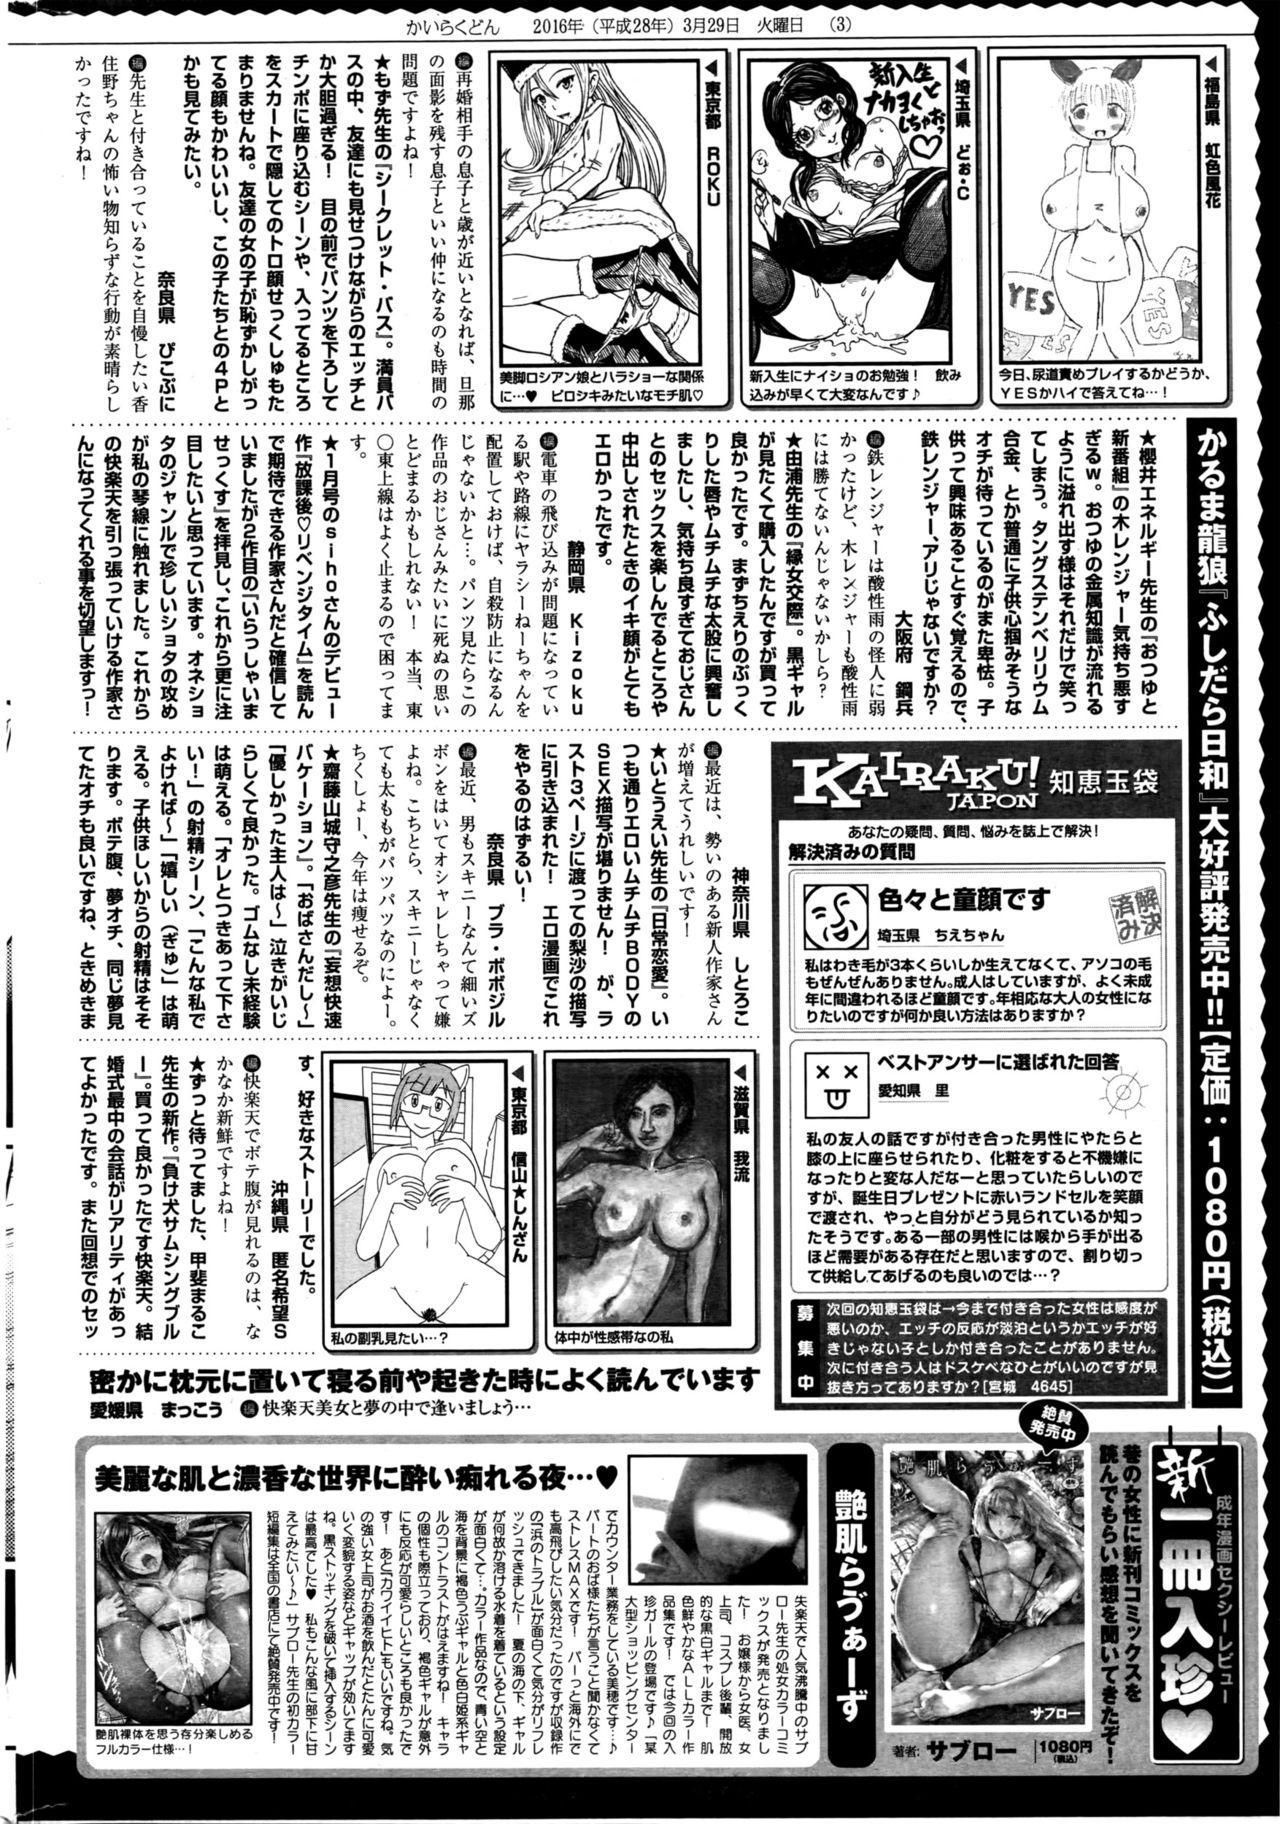 COMIC Kairakuten 2016-05 392